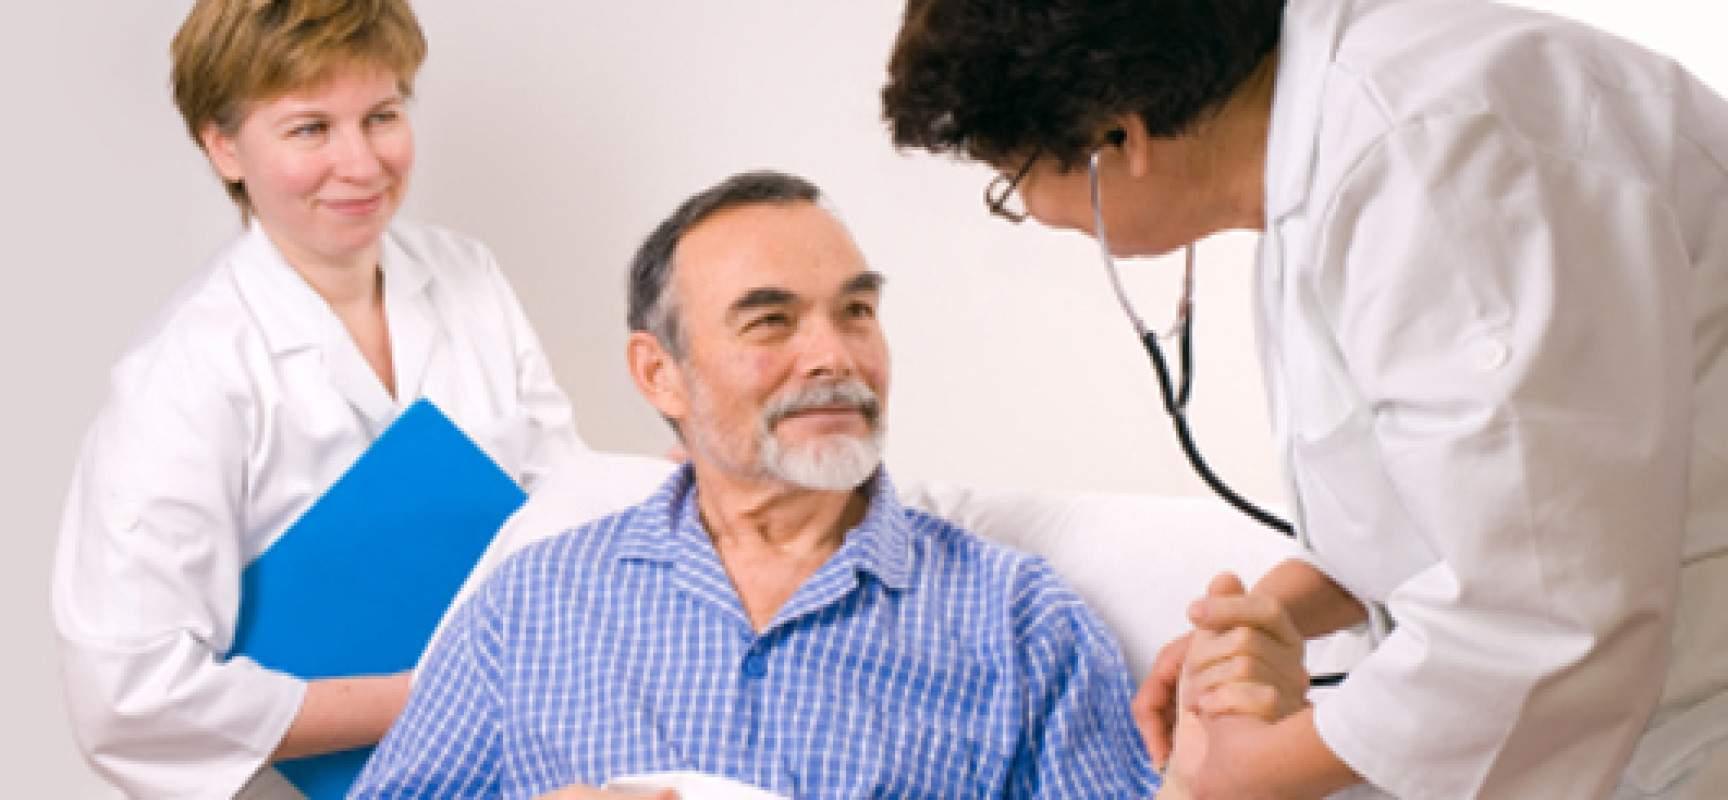 терапия при заболеваниях сердца